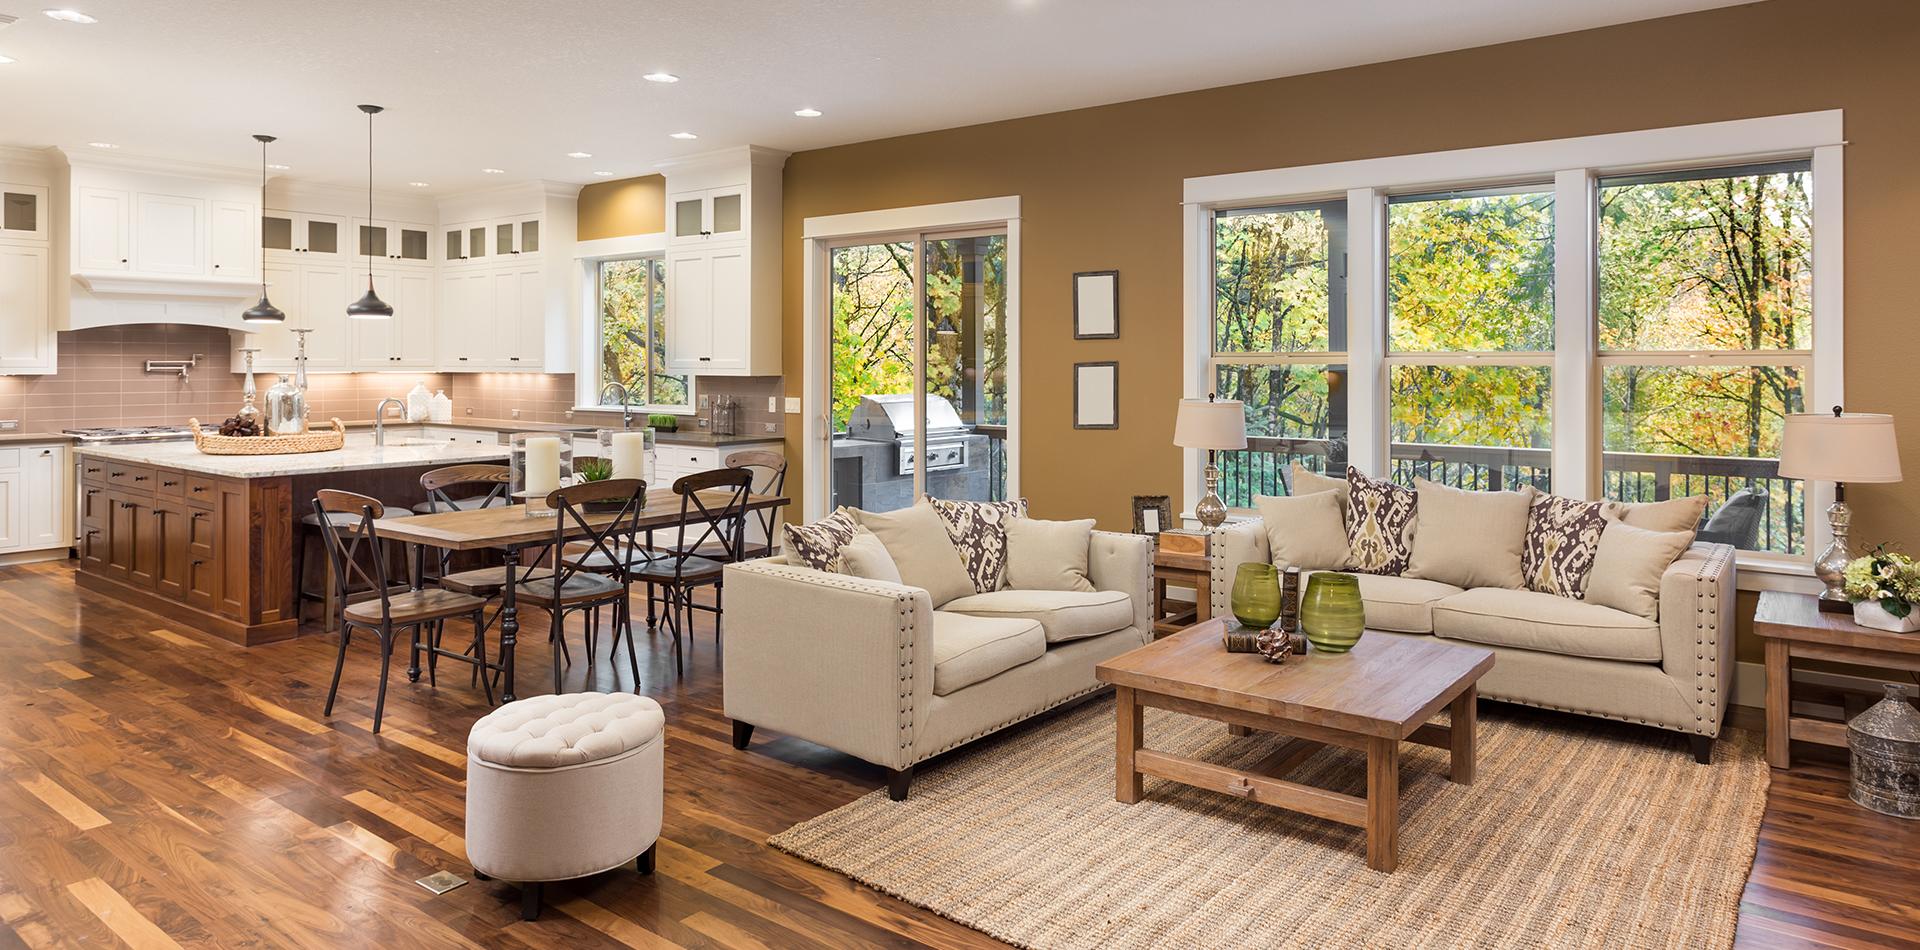 agenzia immobiliare mestre idea casa